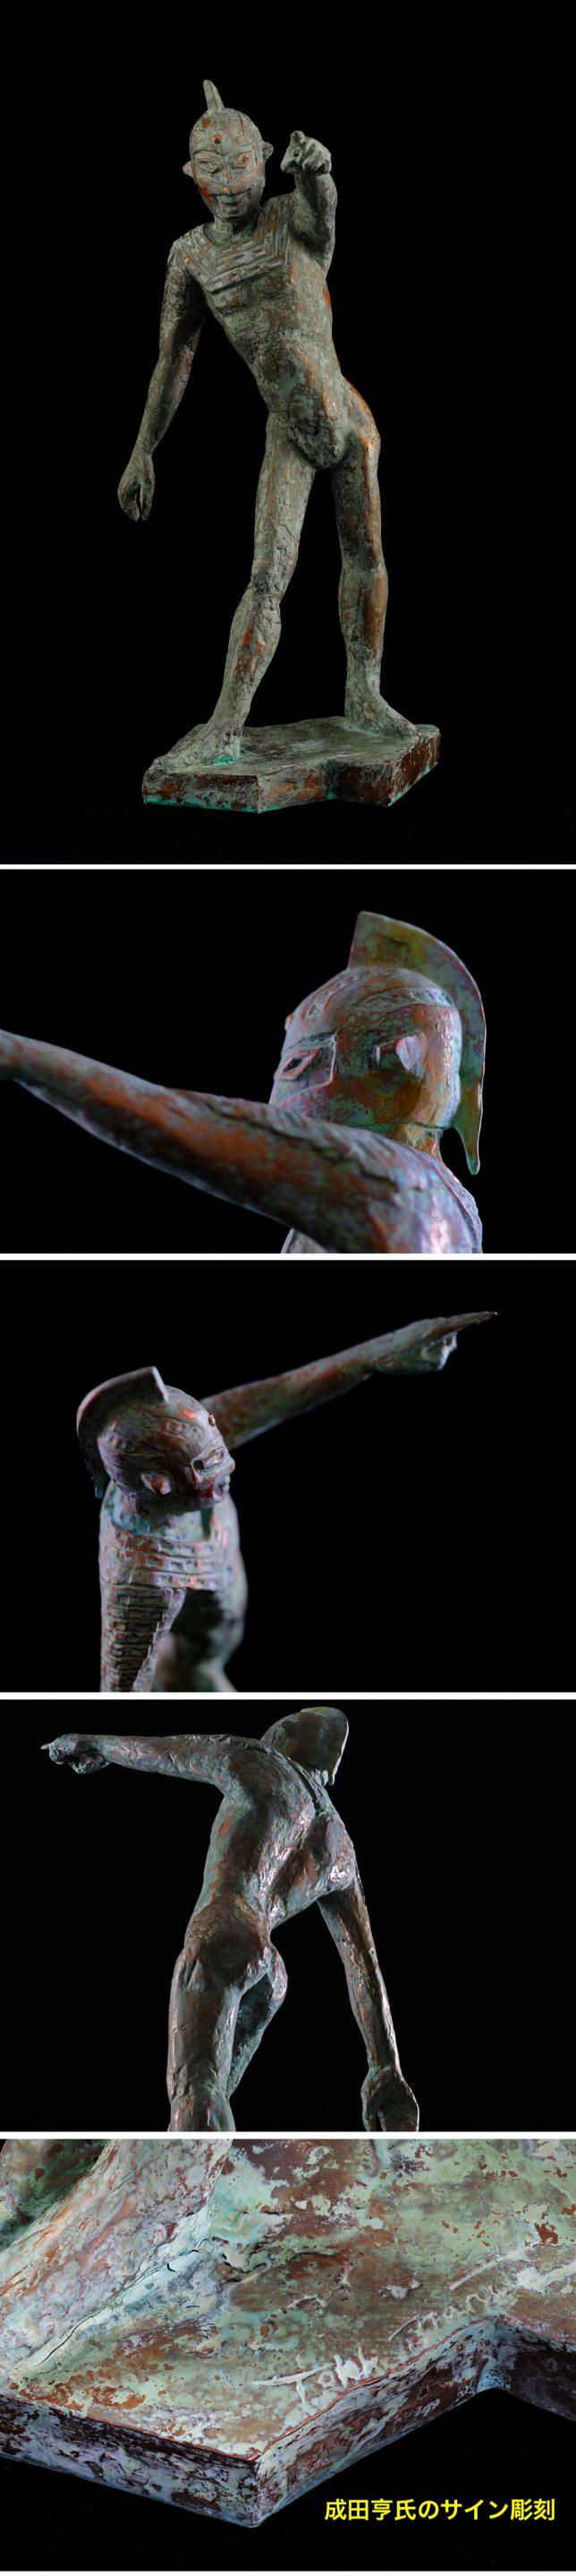 成田亨 成田彫刻 ウルトラセブン セブンの立像 宇宙人S